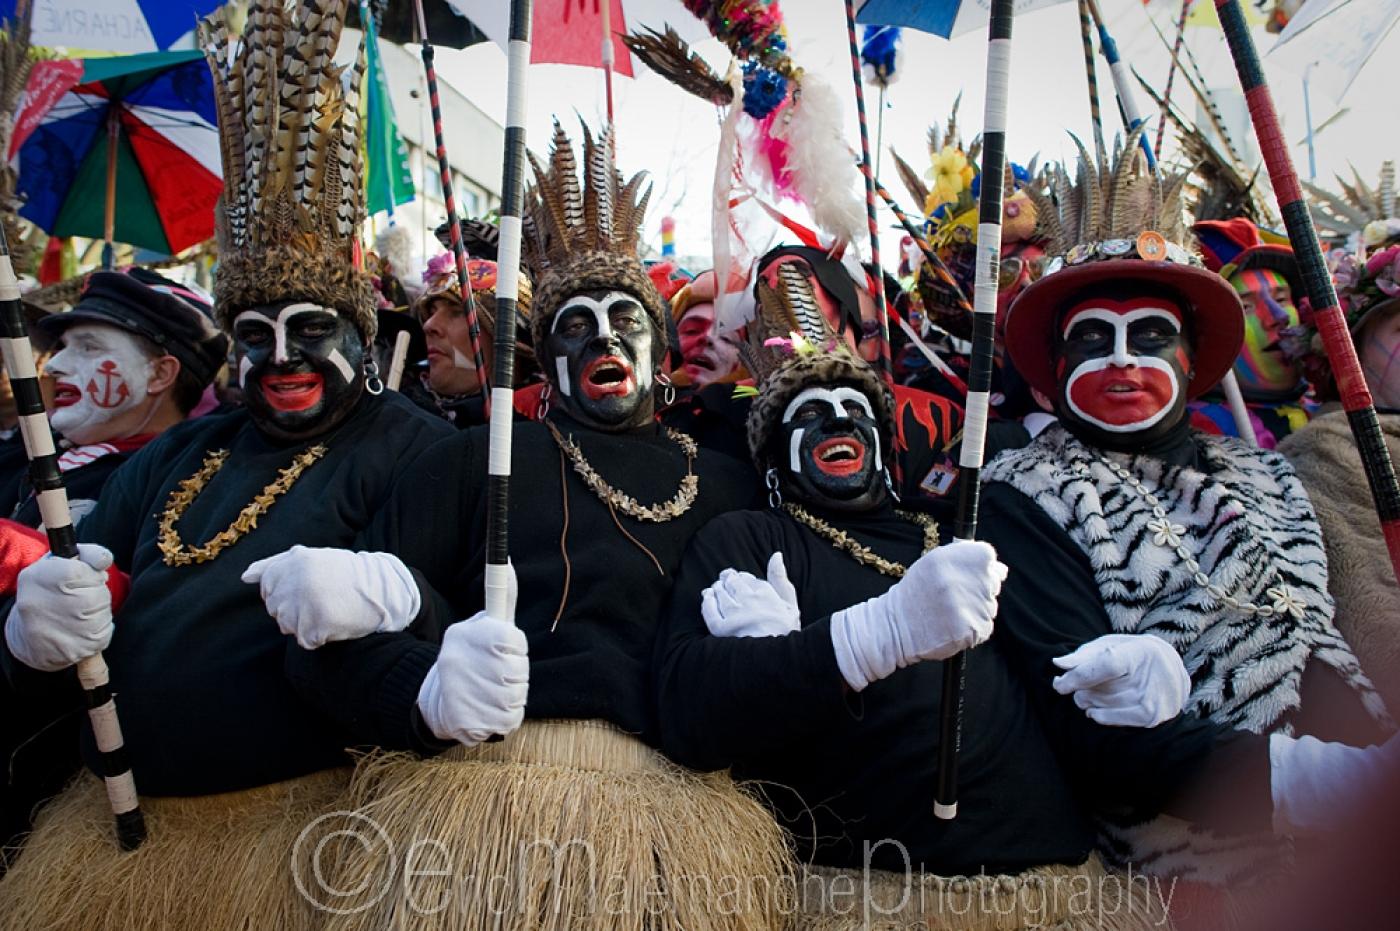 http://www.ericmalemanche.com/imagess/topics/carnaval-de-dunkerque/liste/Carnaval-Dunkerque-1436.jpg